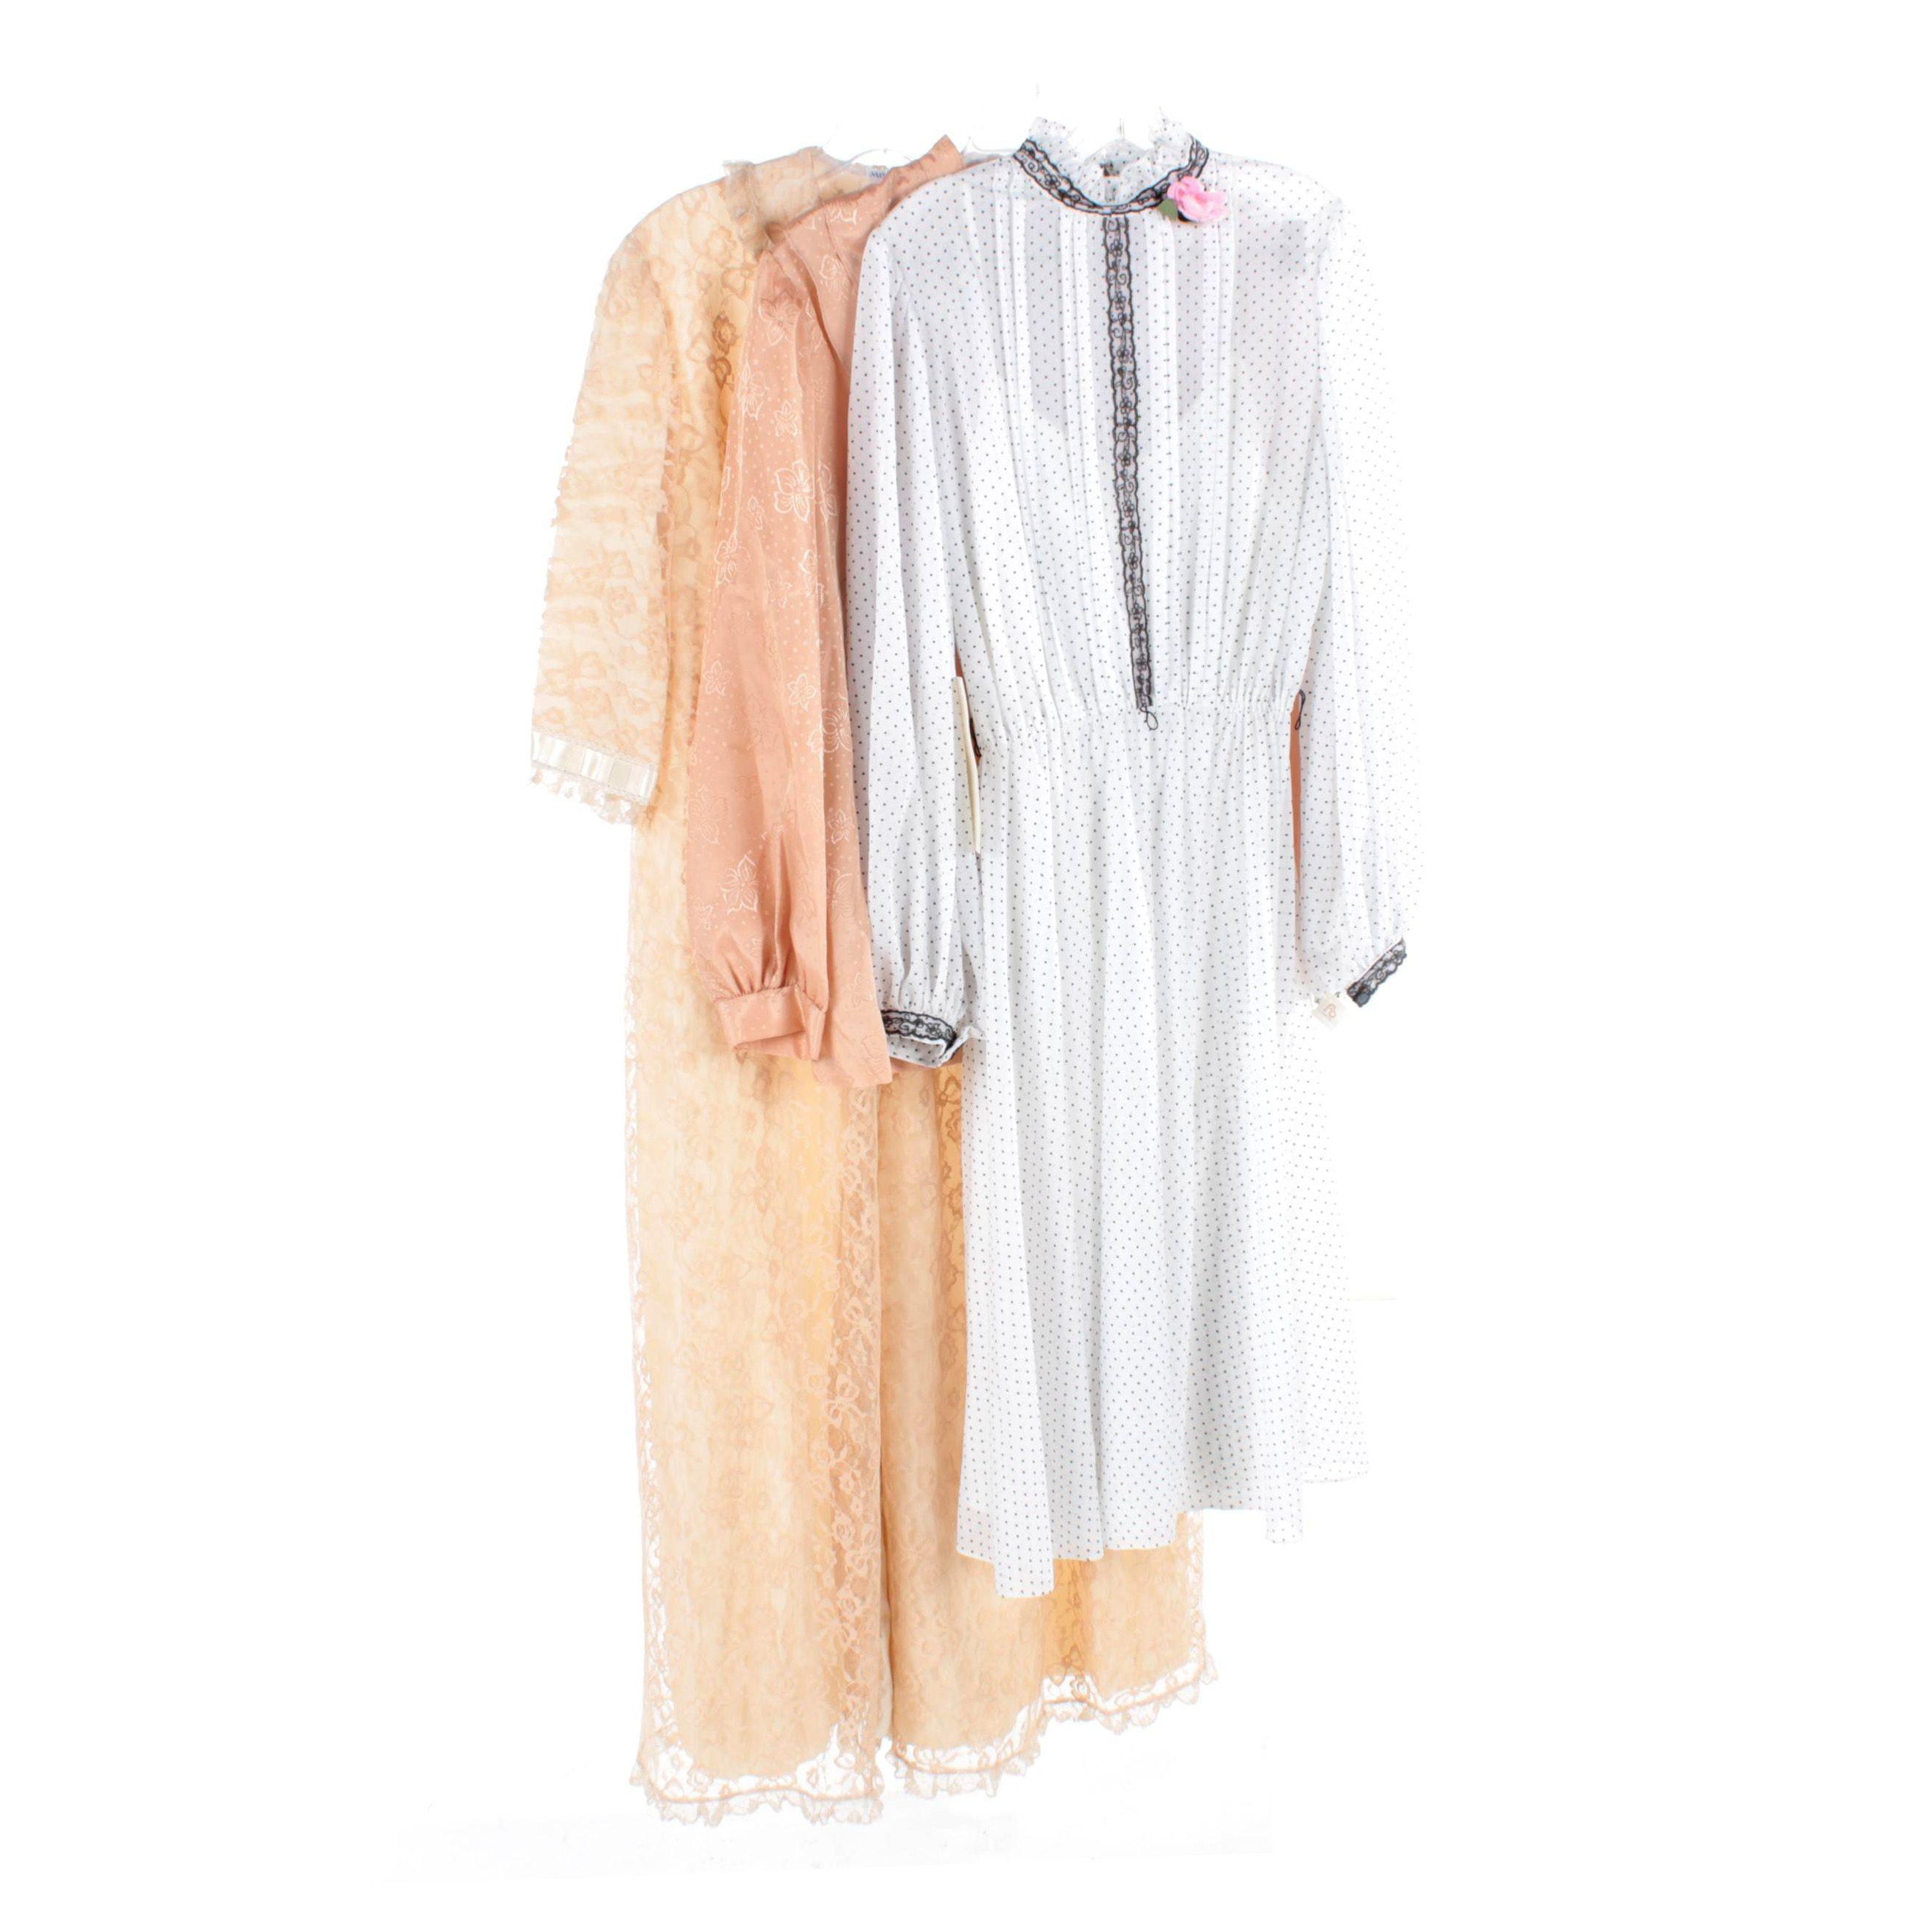 Women's Vintage Clothing Including Argent Fille Ltd.